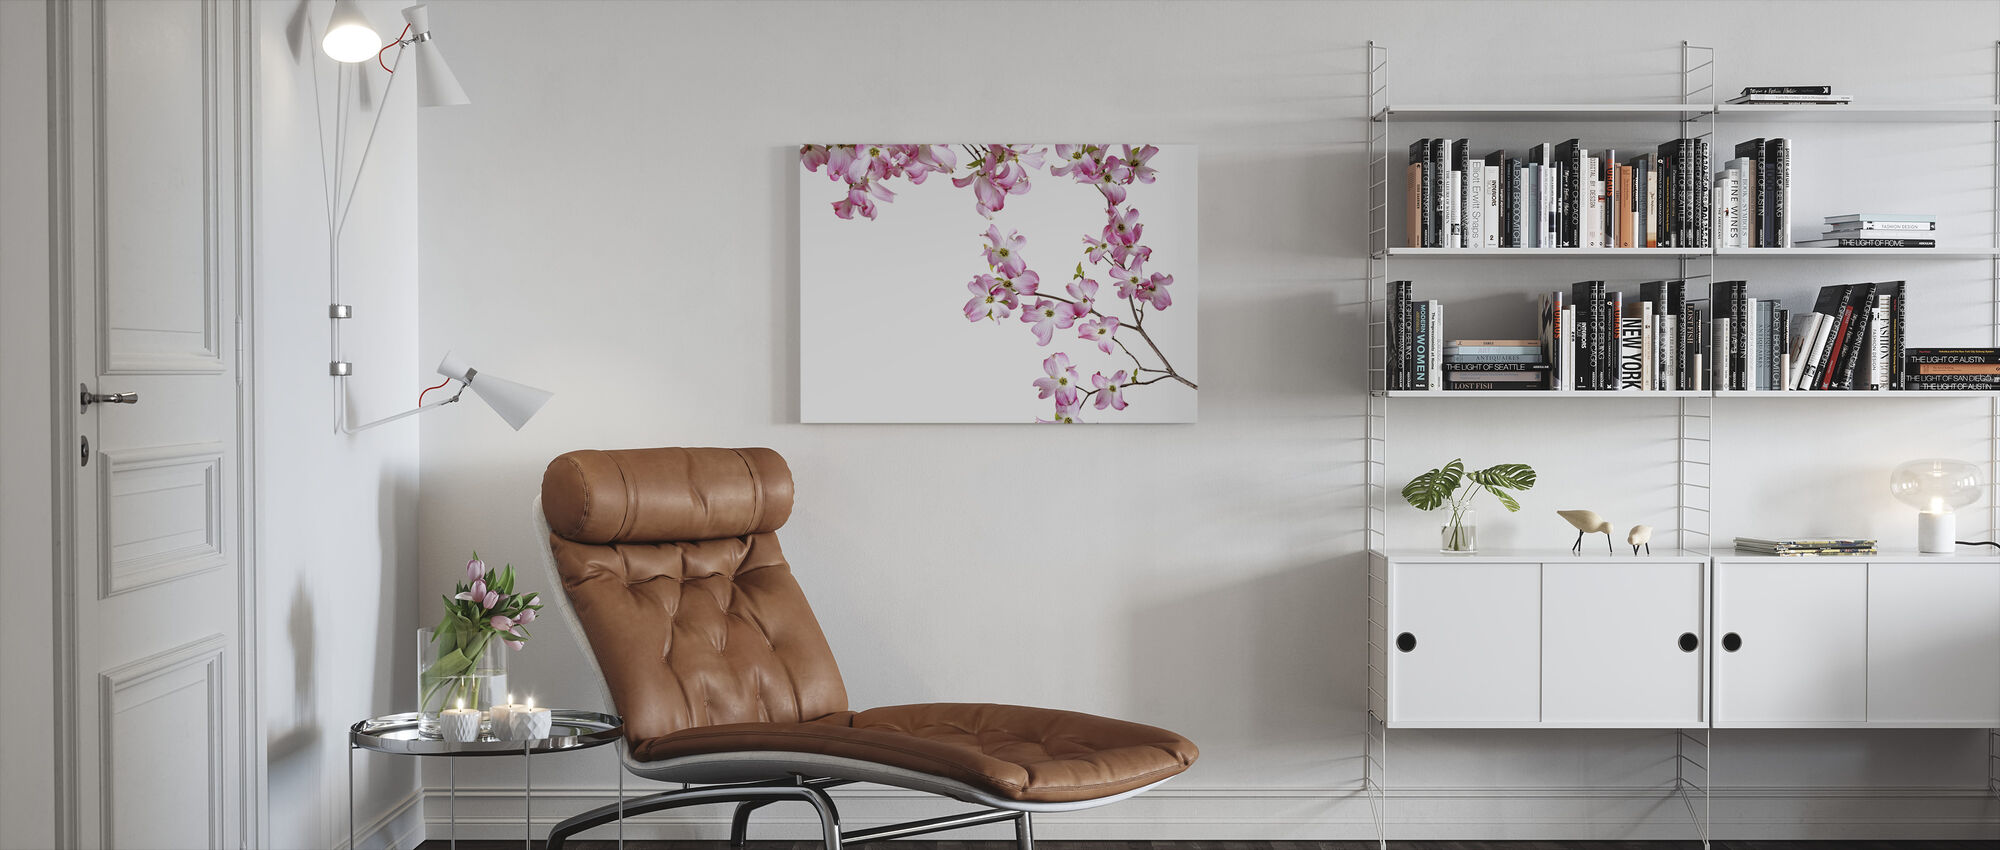 Gestreifte Orchidee - Leinwandbild - Wohnzimmer